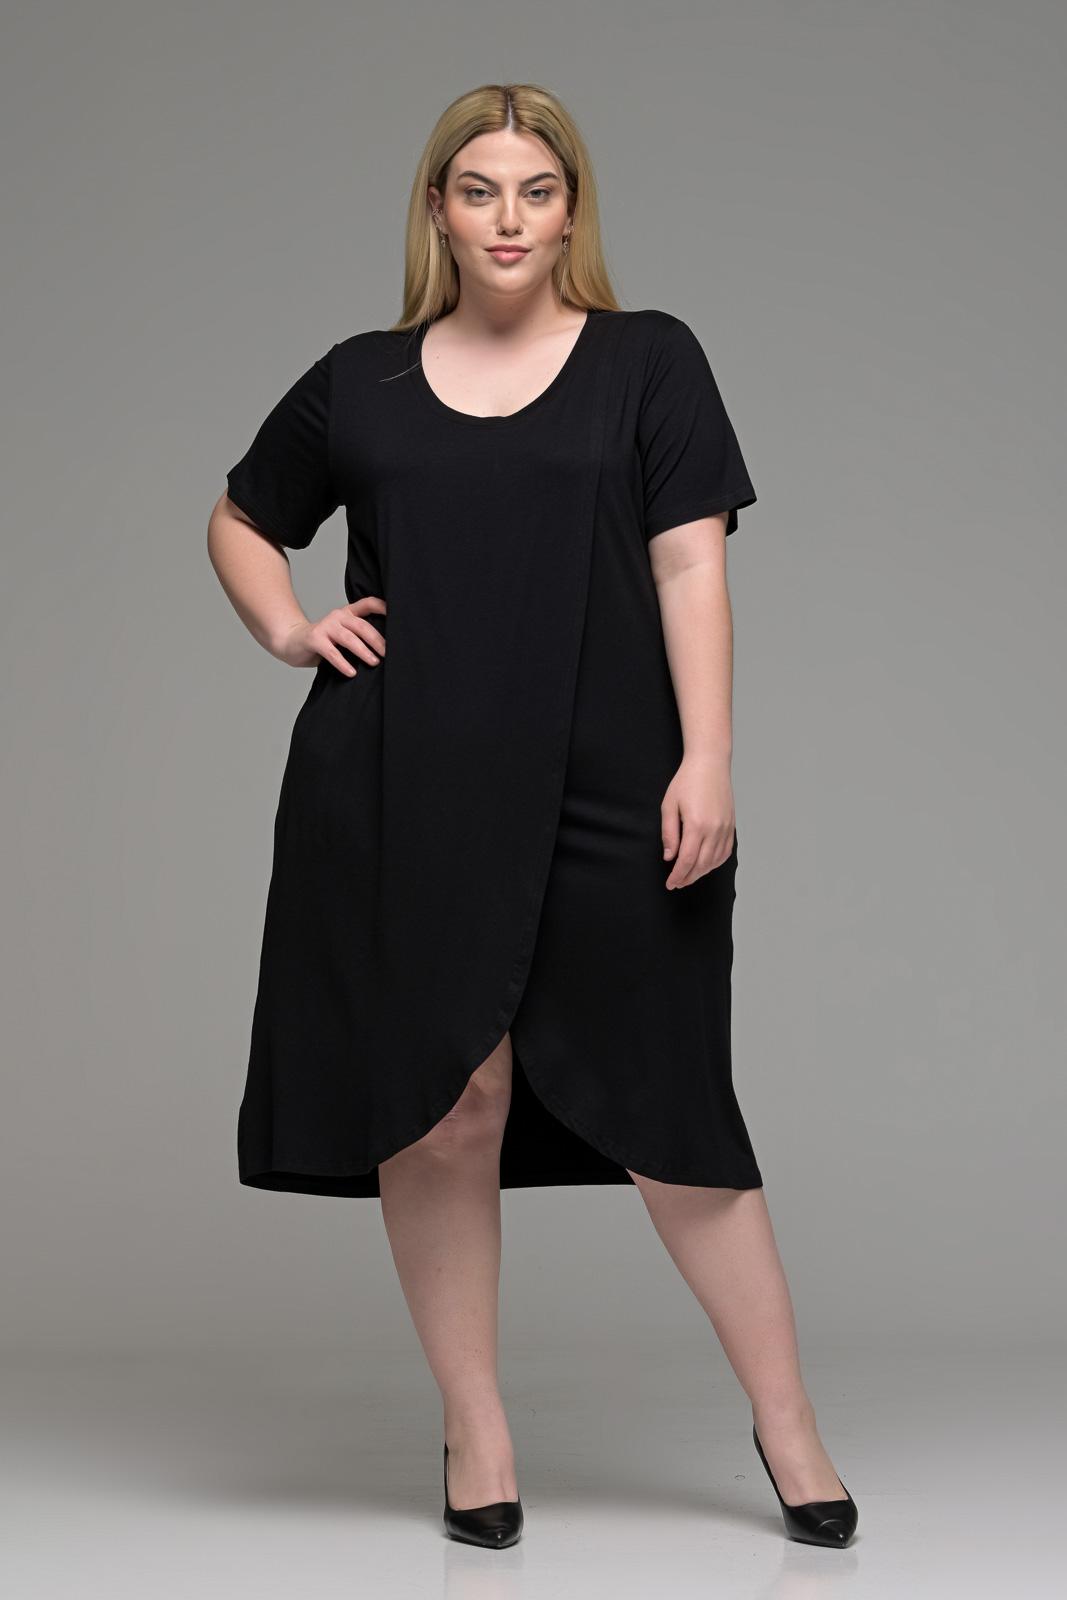 Φόρεμα μεγάλα μεγέθη φάκελος βισκόζ μαύρο σε γραμμή Α